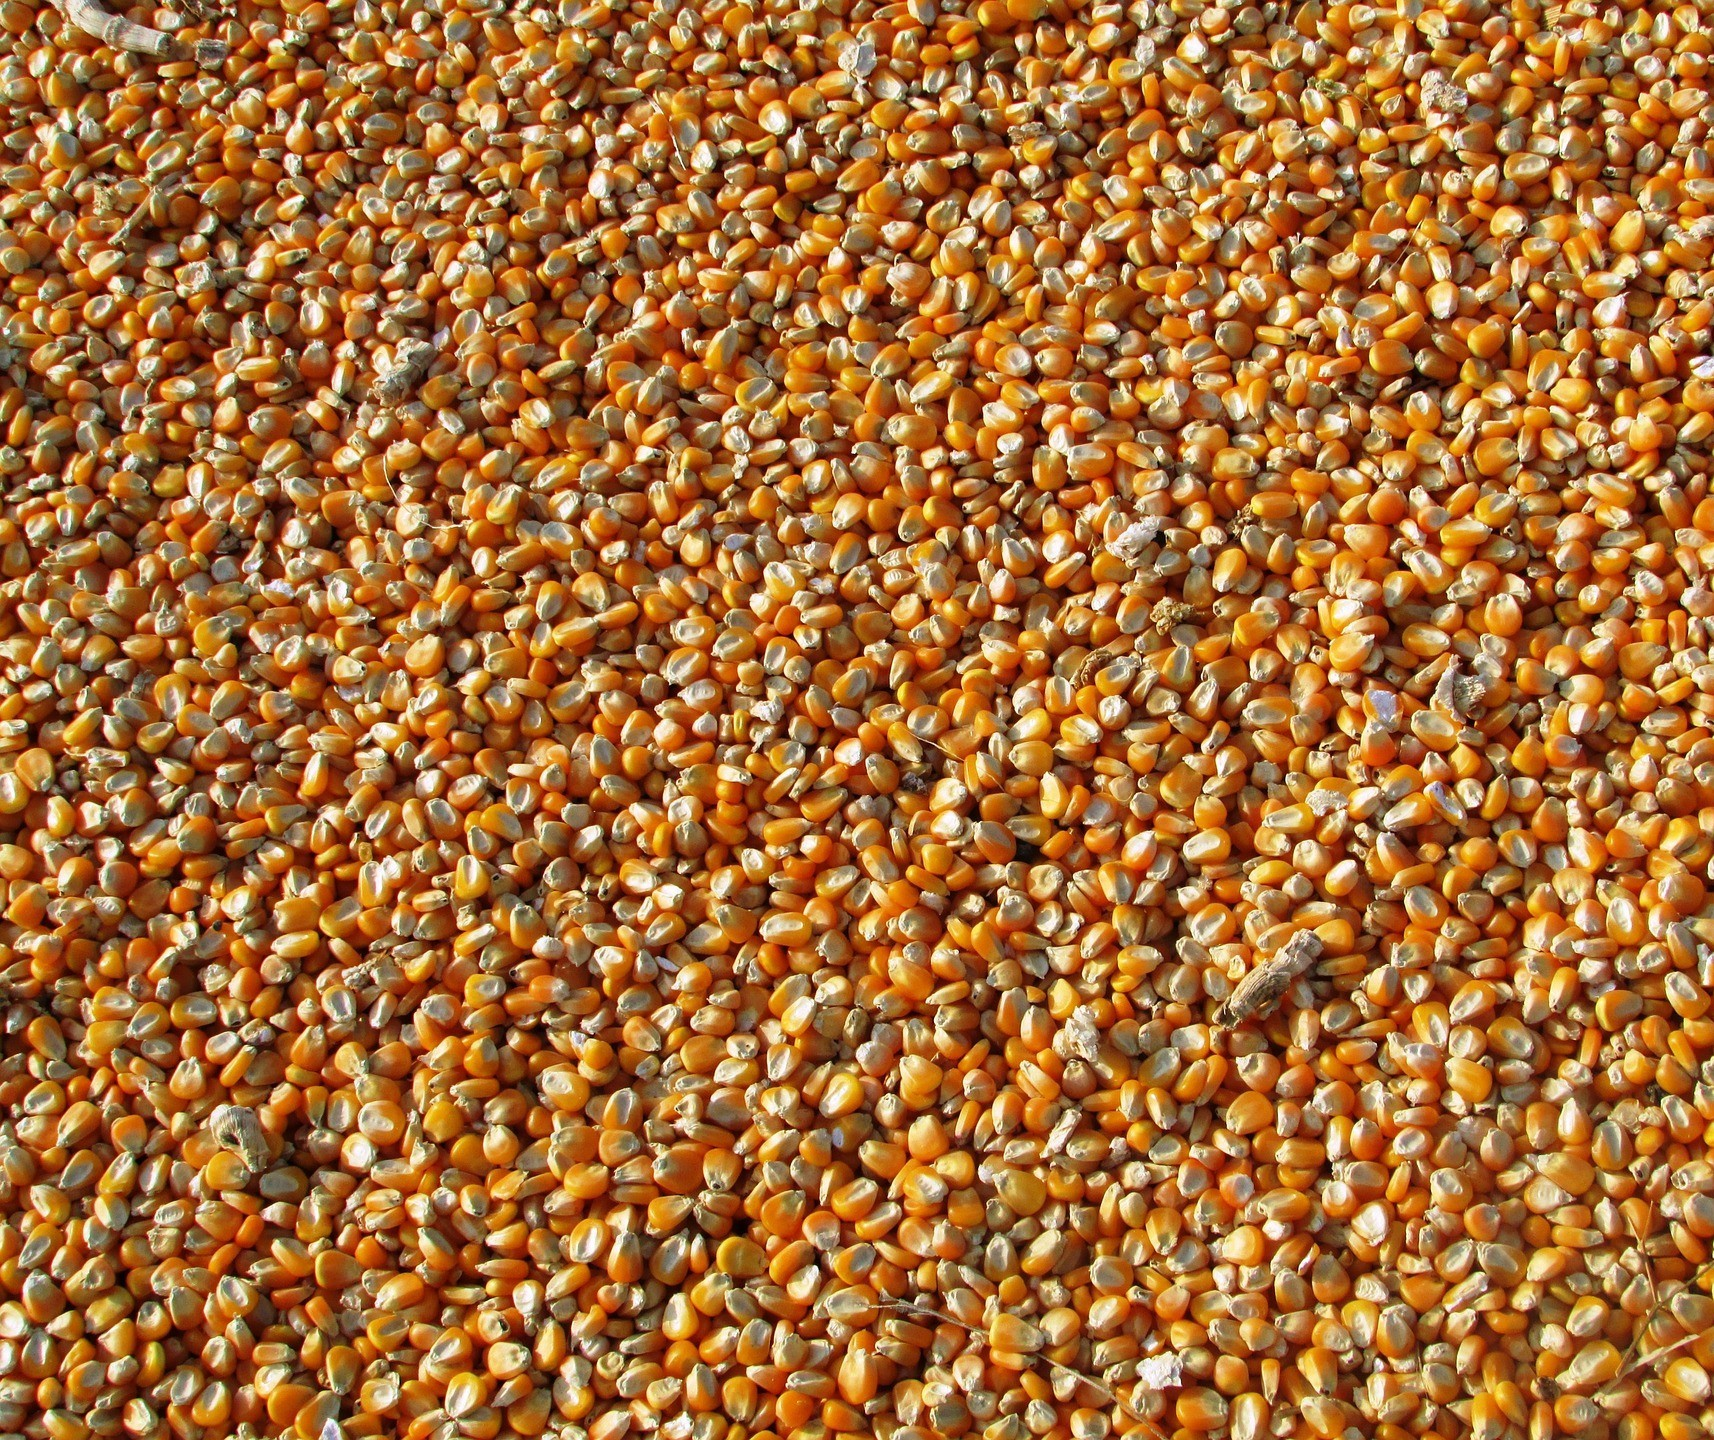 Primeira semana de junho já exportou 54% mais milho do que todo o mês de maio